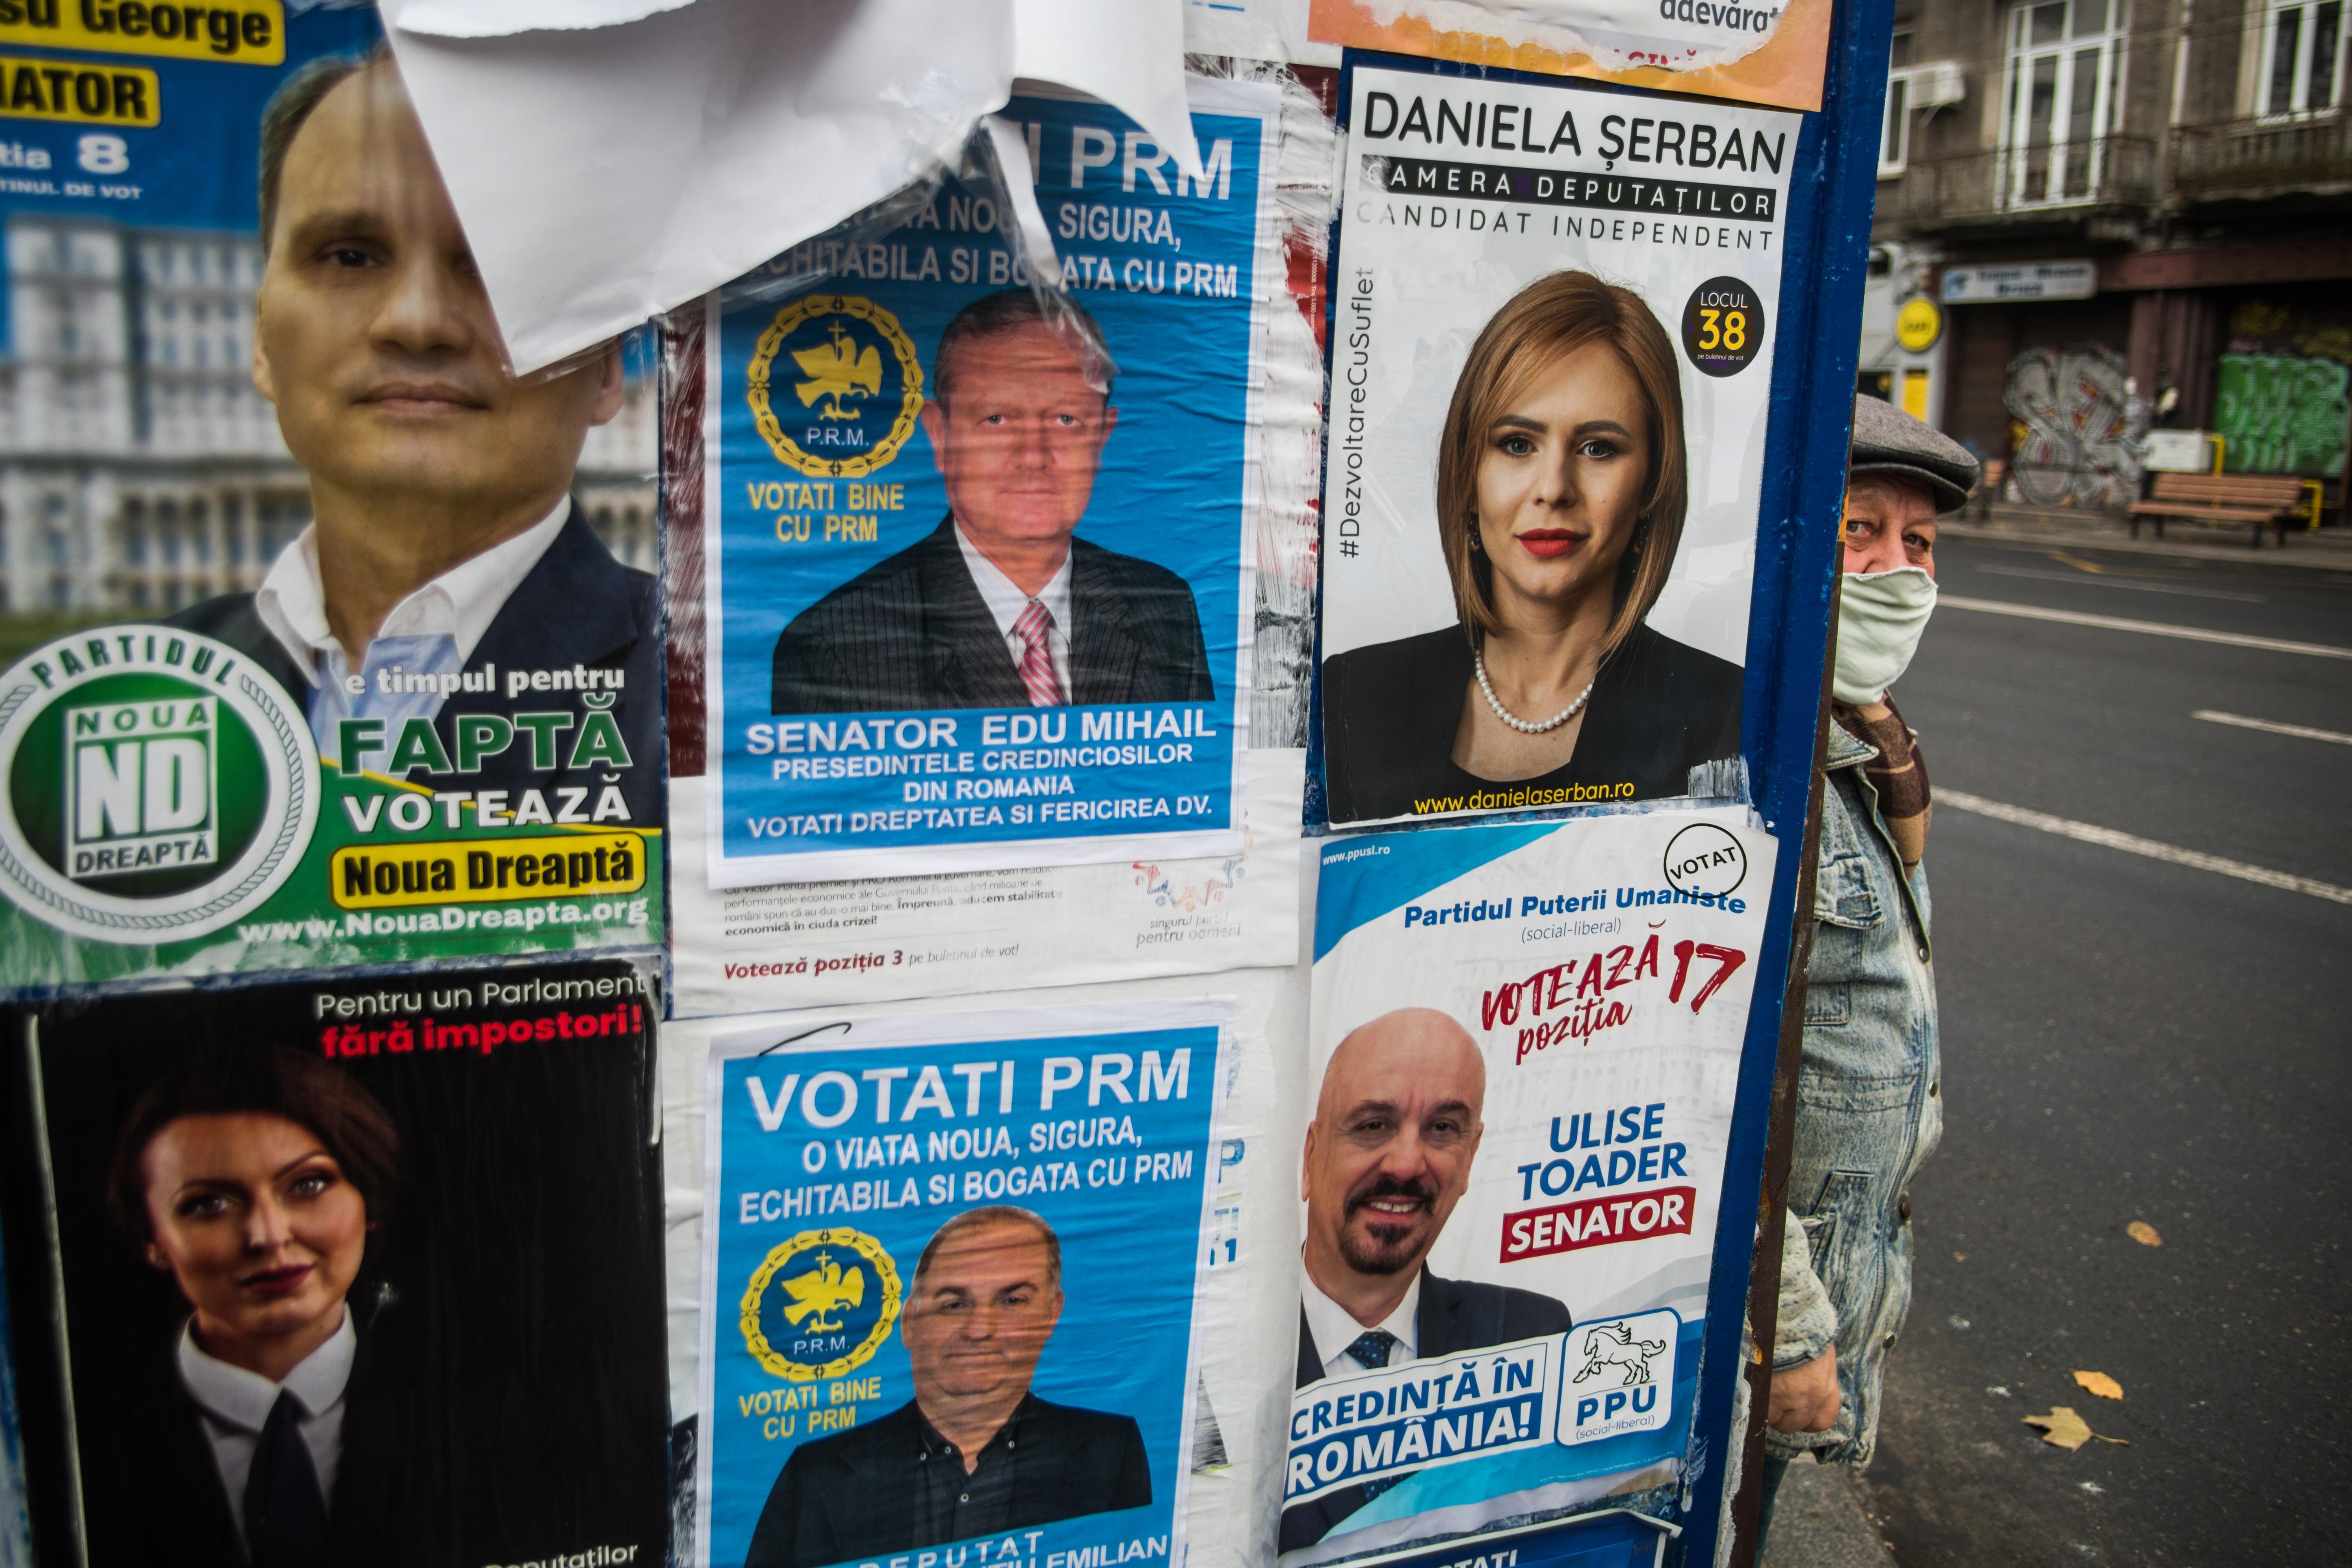 A járvány megnehezítette a dolgát, de valószínűleg Orban maradhat hatalmon a választás után